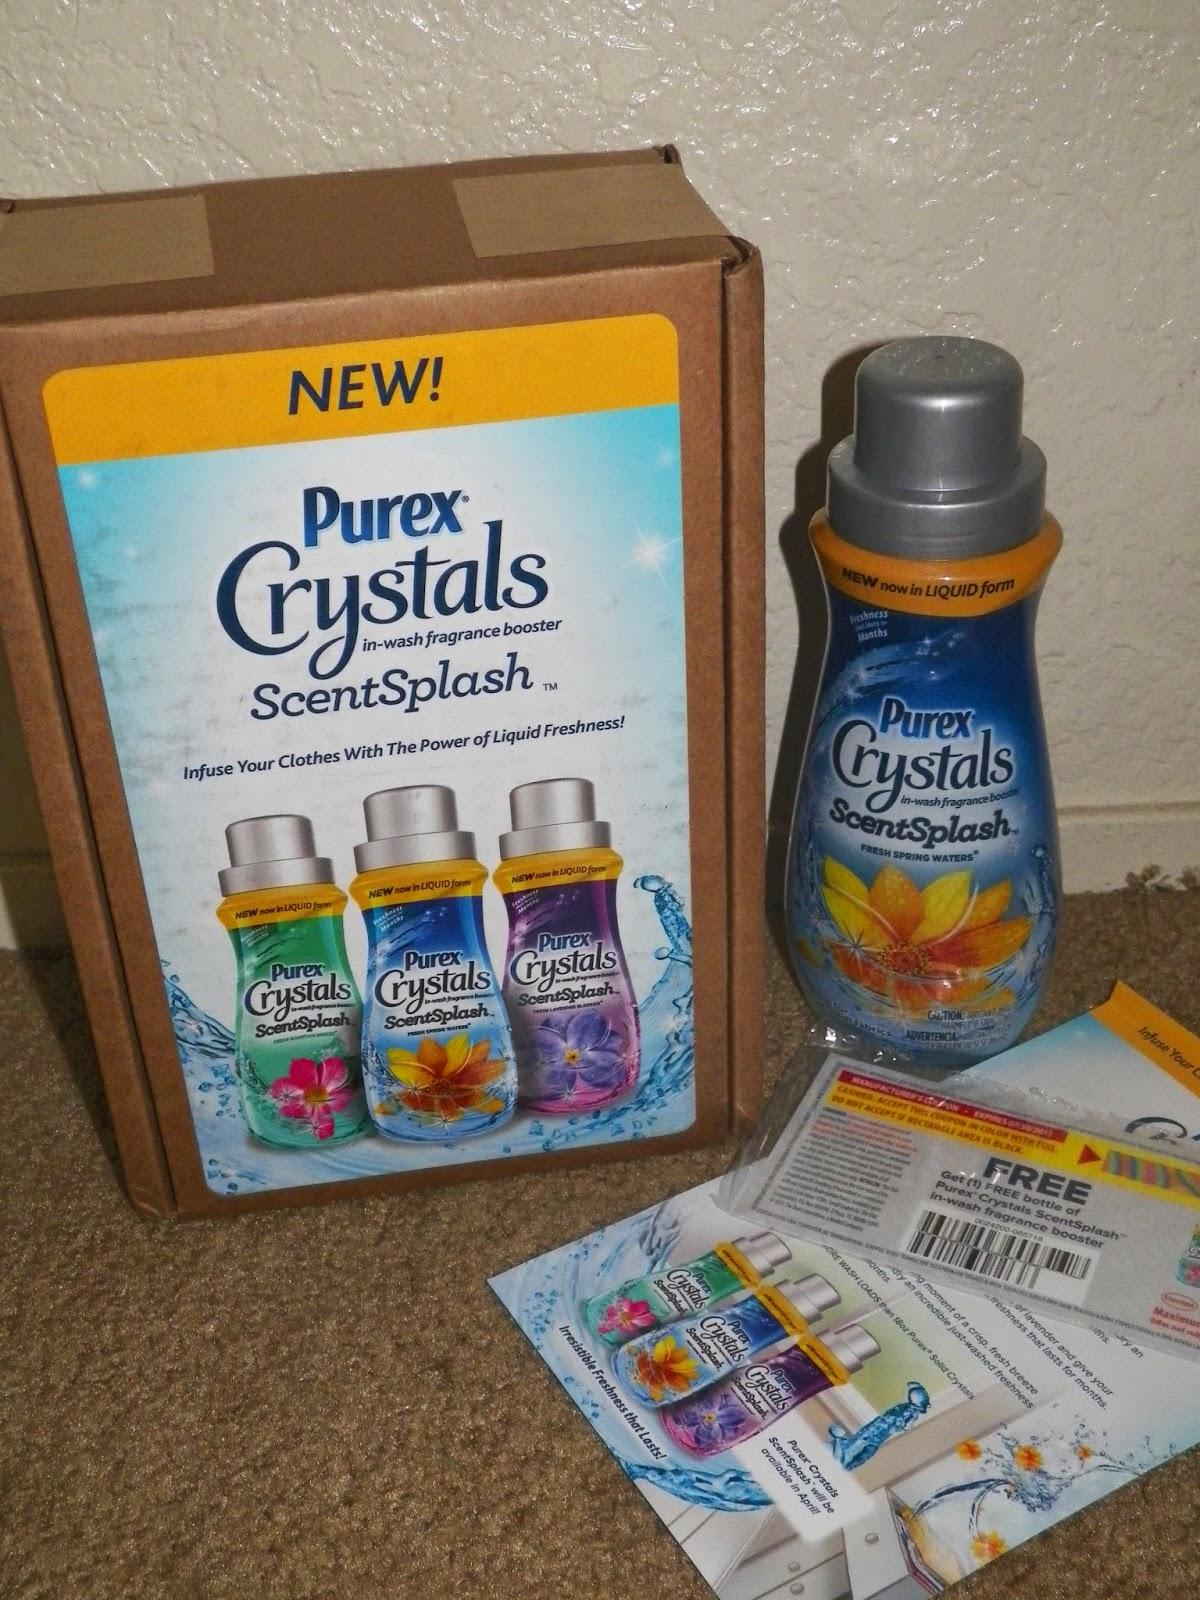 Purex_Crystals_ScentSplash.jpg